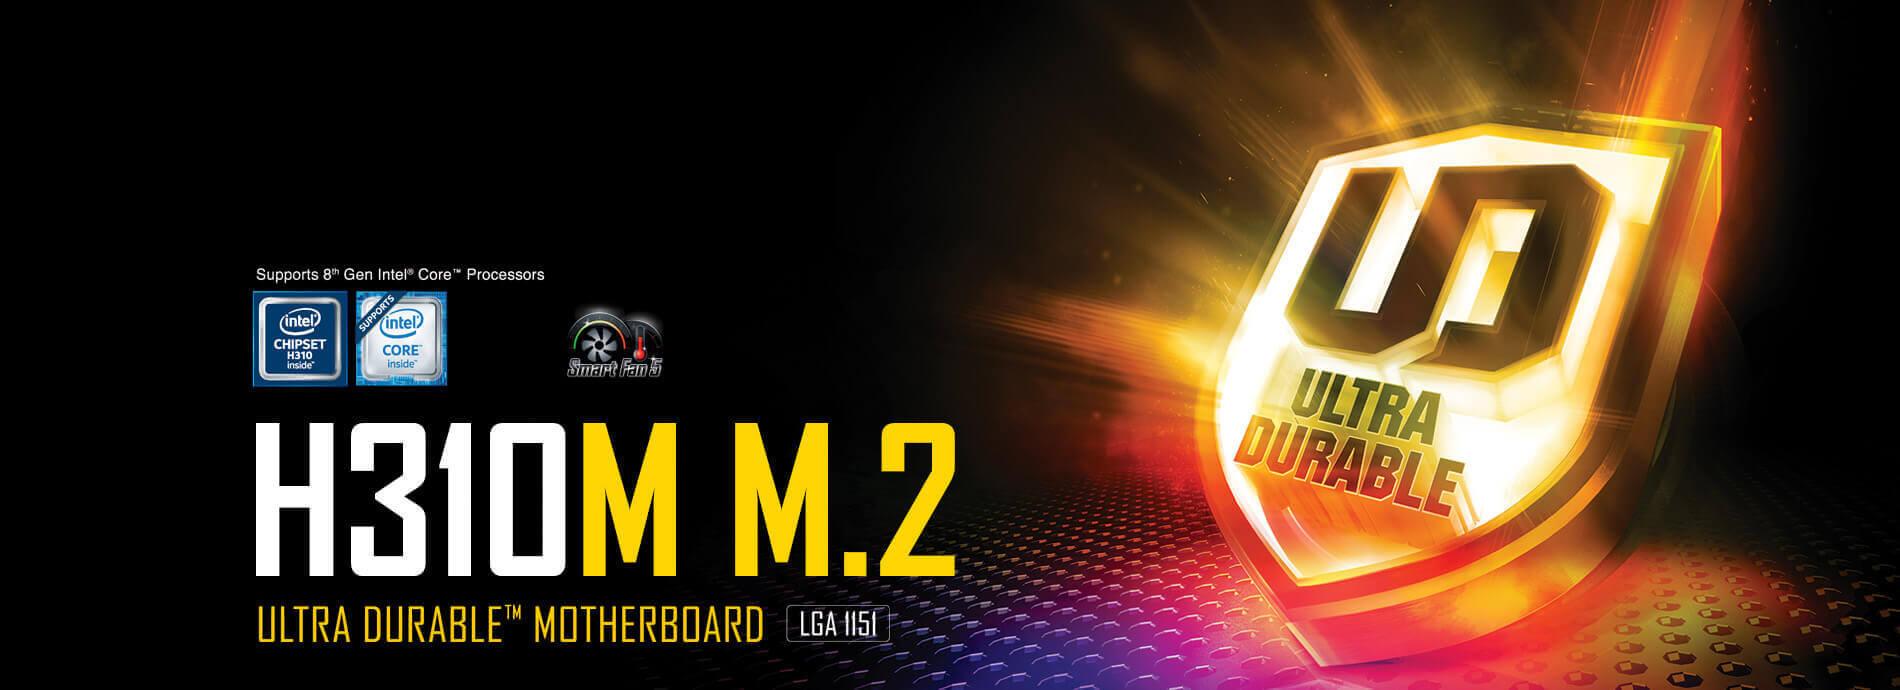 H310M M 2